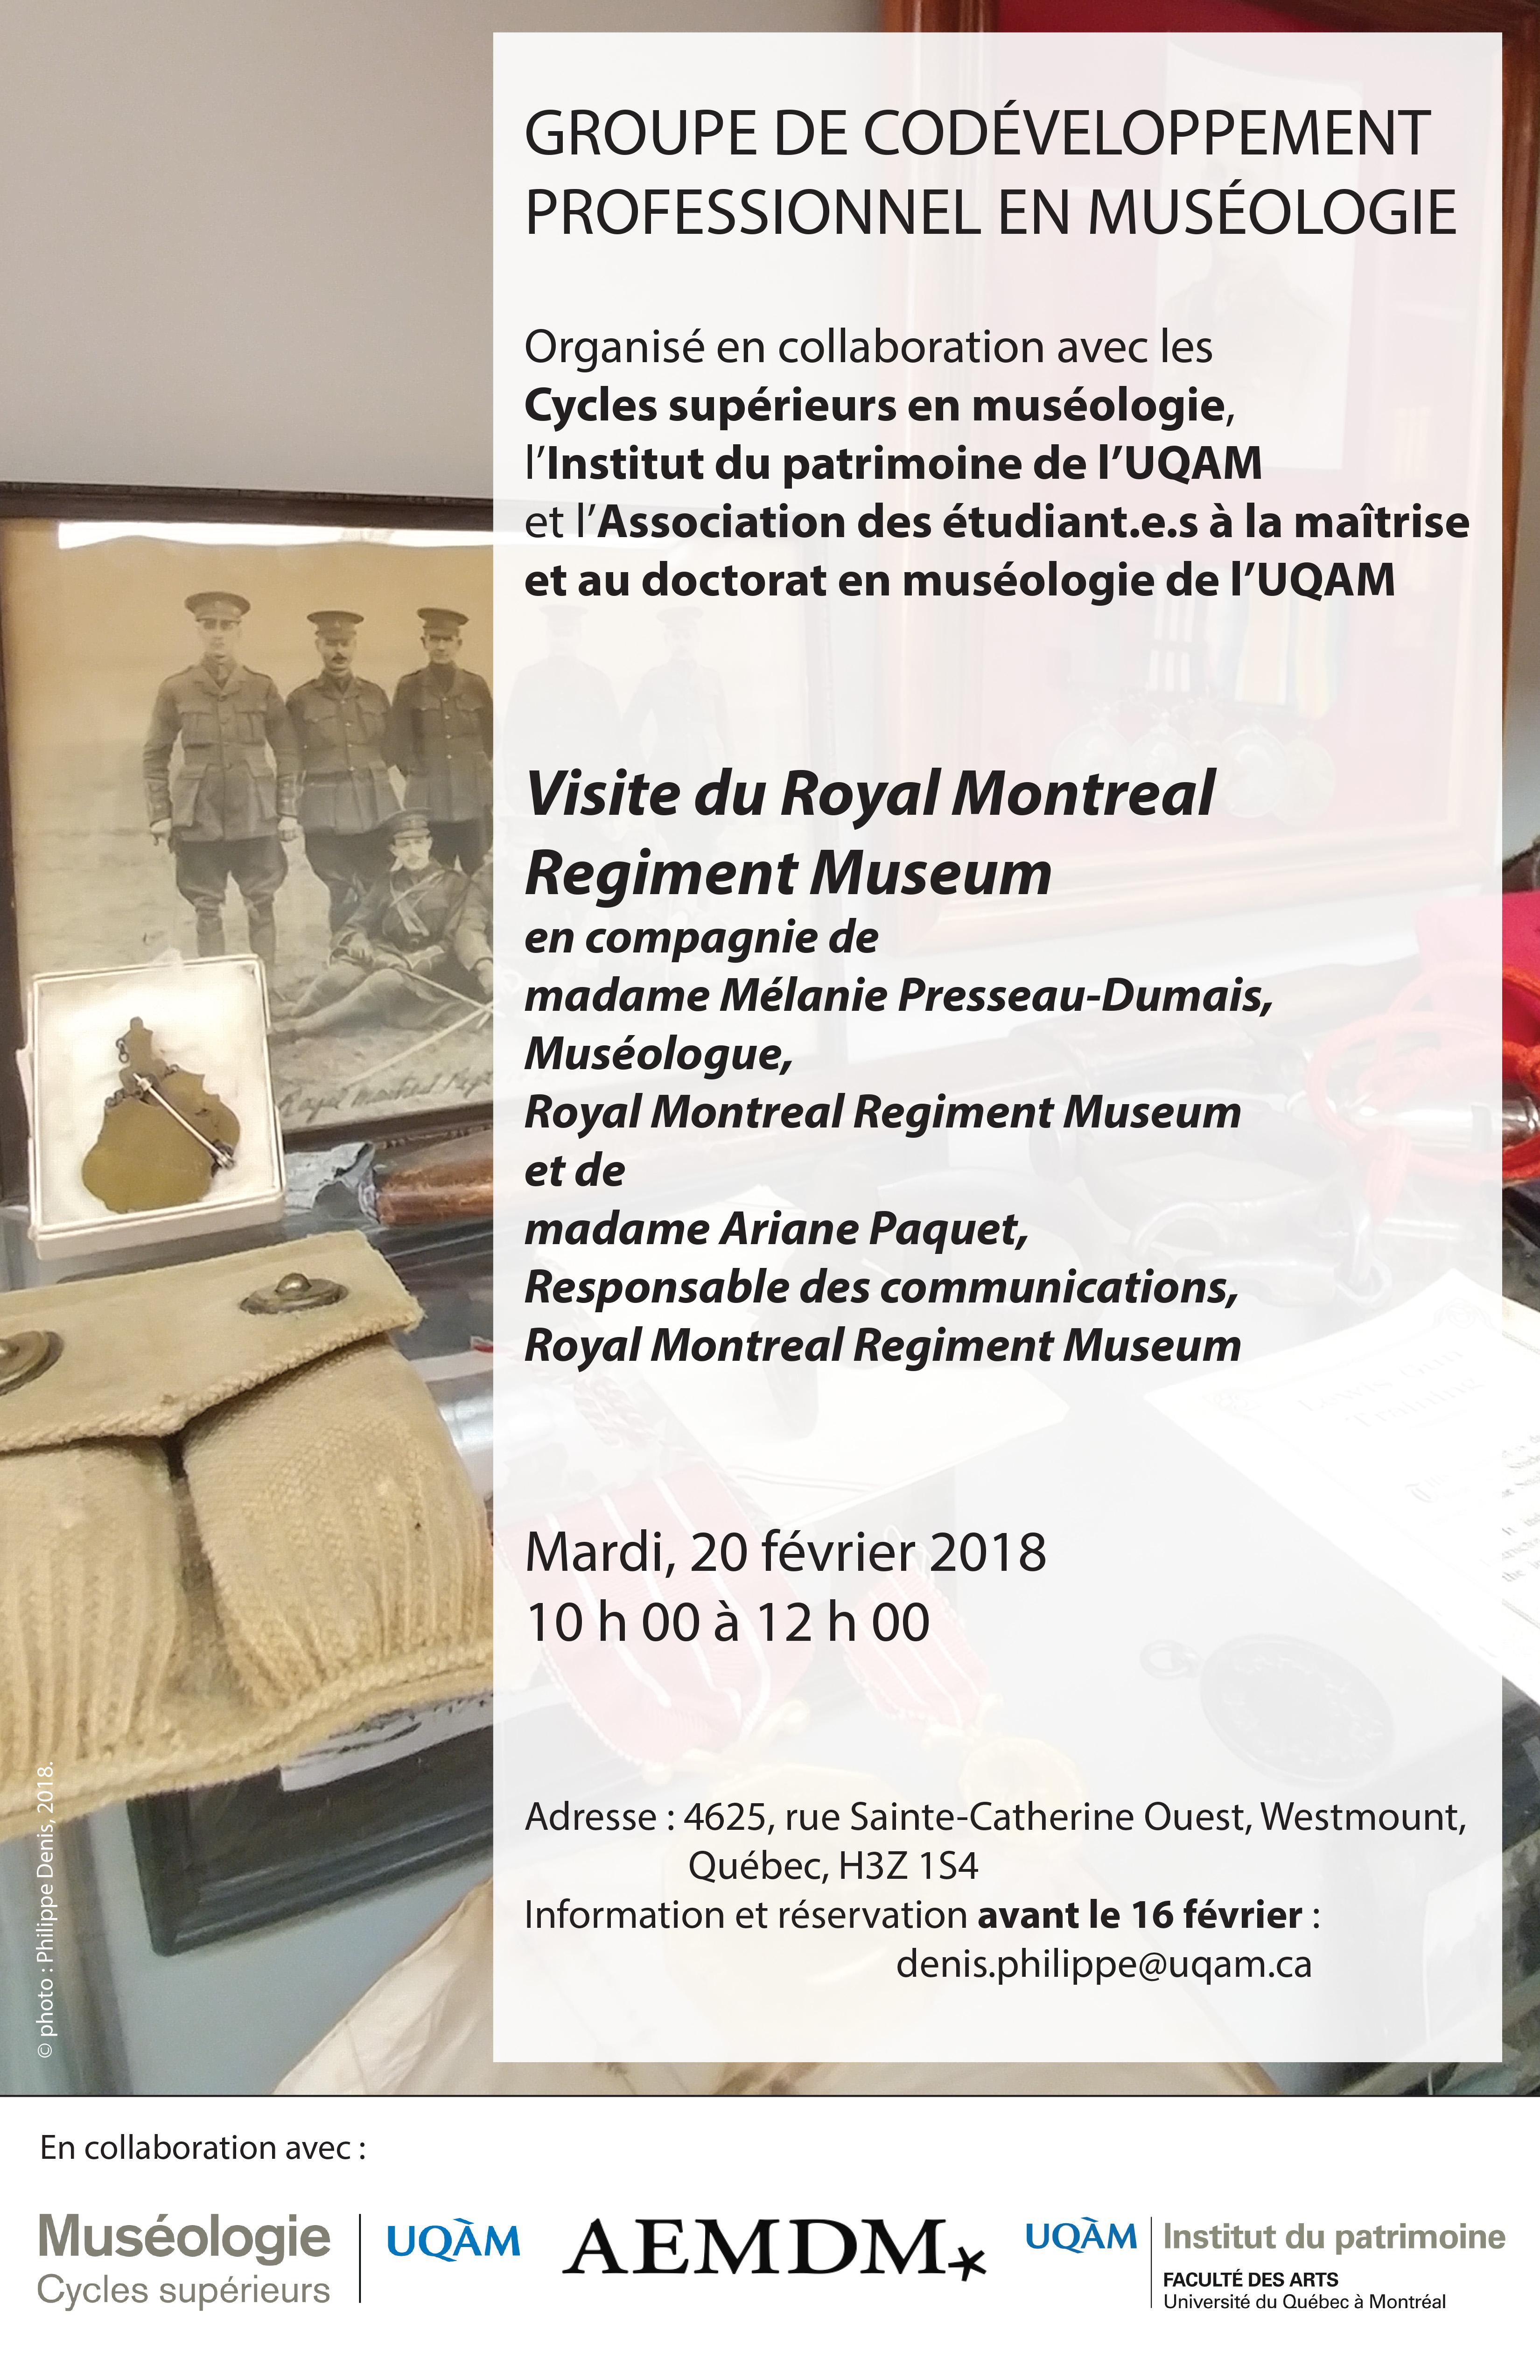 Groupe de codéveloppement professionnel en muséologie / Royal Montreal Regiment Museum